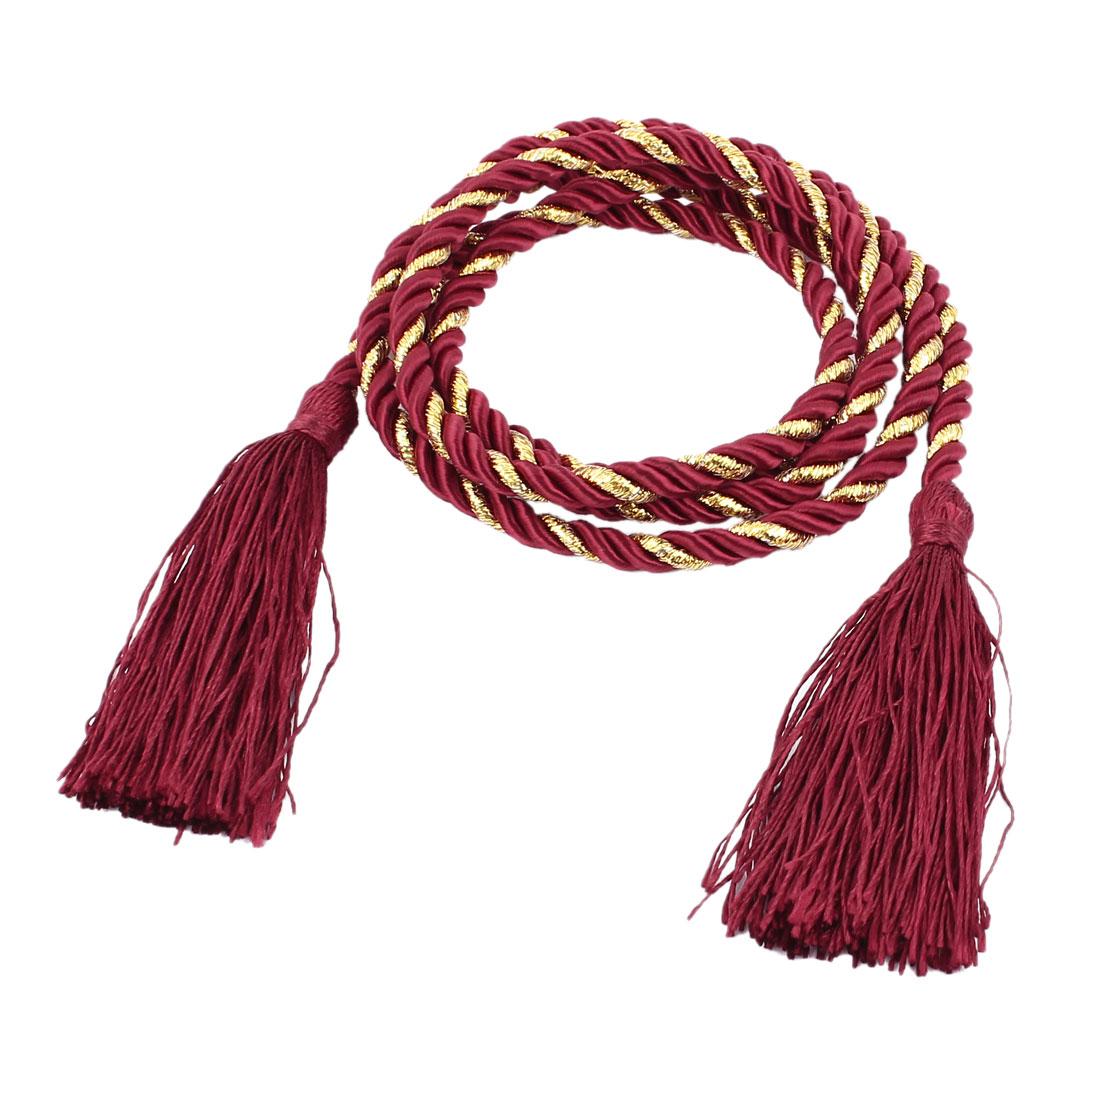 Window Curtain Tieback Tie Back Tassels Trim Rope Cord String 133cm Red